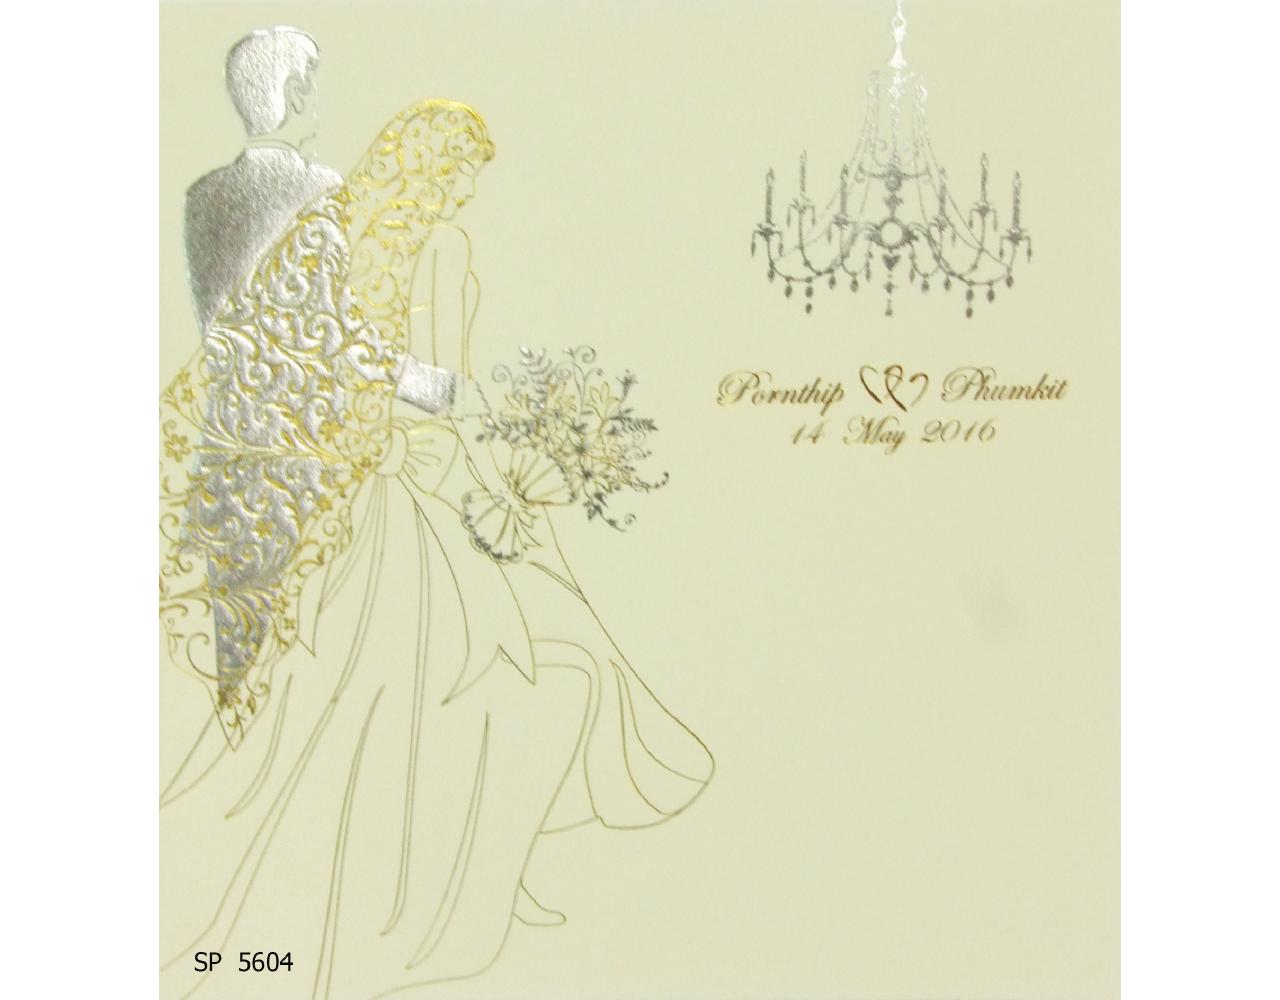 การ์ดแต่งงาน การ์ดงานแต่ง รูปบ่าว-สาว สีครีม ปั๊มนูน พิมพ์เงิน by Grace Greeting wedding card 17 x 17.5 cm SP 5604 Cream ฿ 8.50